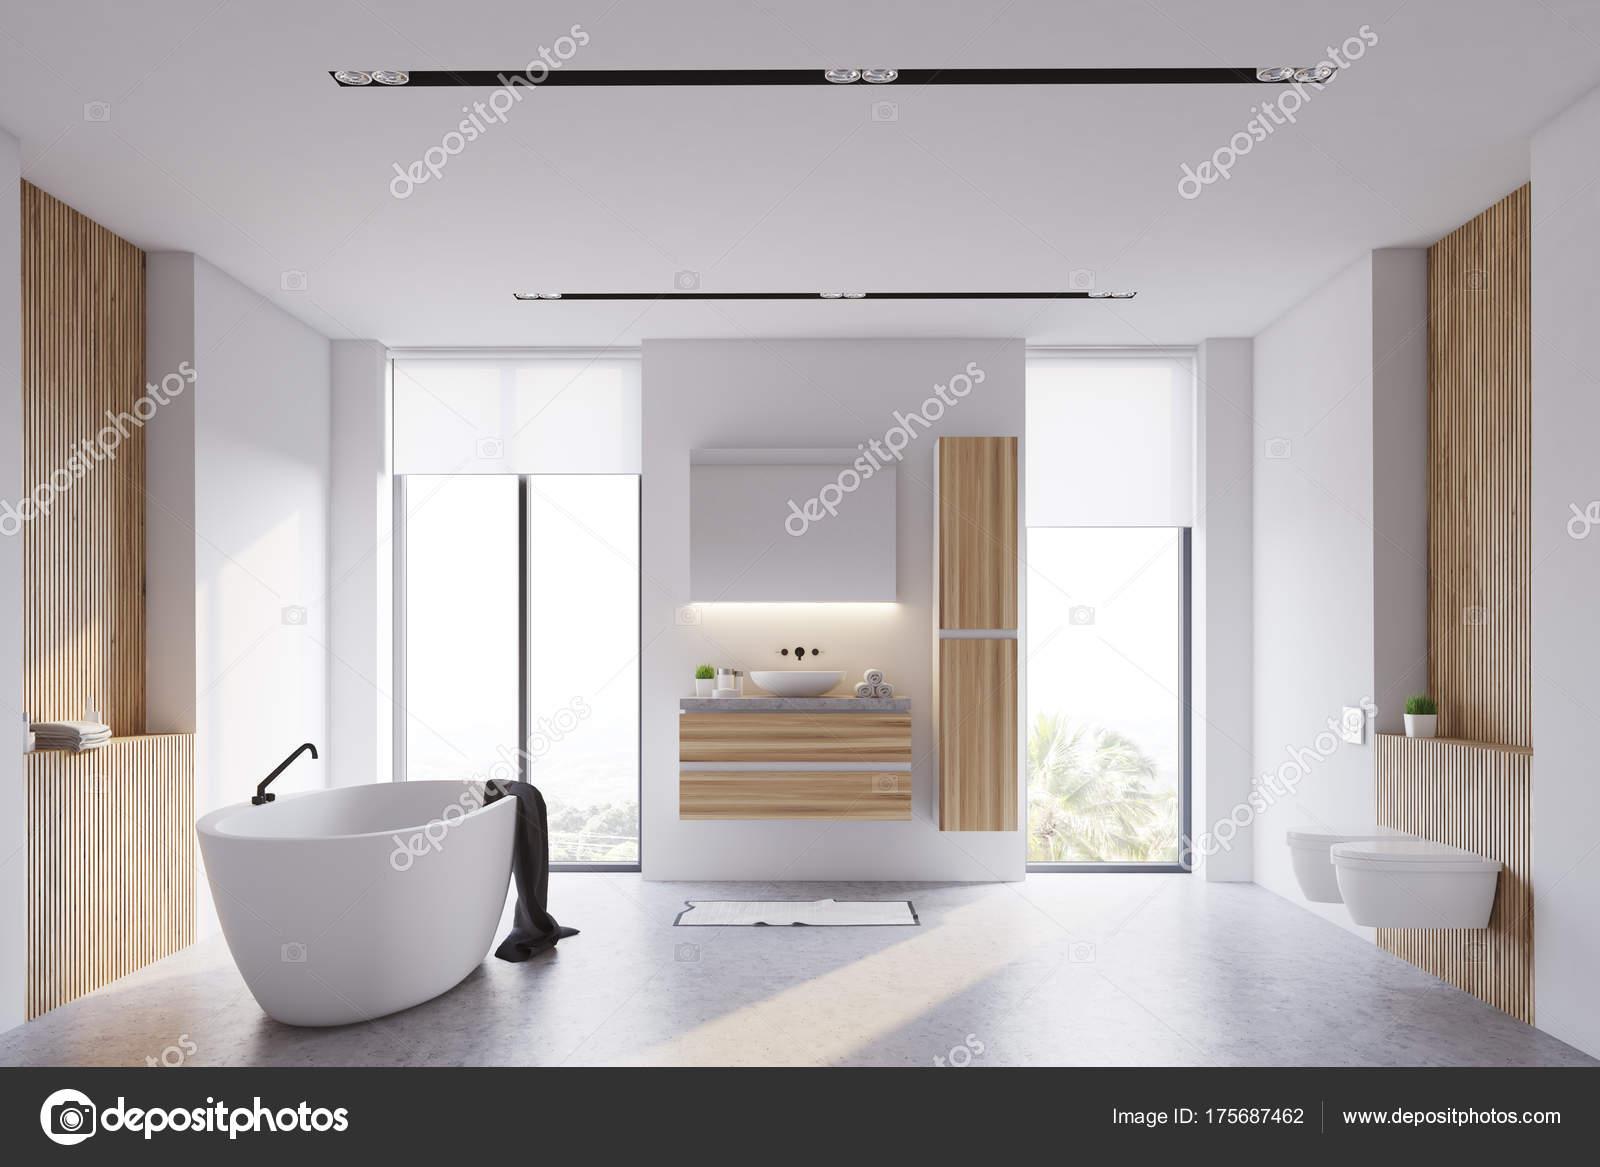 83c99c41ba free interno del bagno moderno con pareti bianche e in legno ampie finestre  un pavimento di cemento una vasca da bagno bianca e un lavandino con uno ...